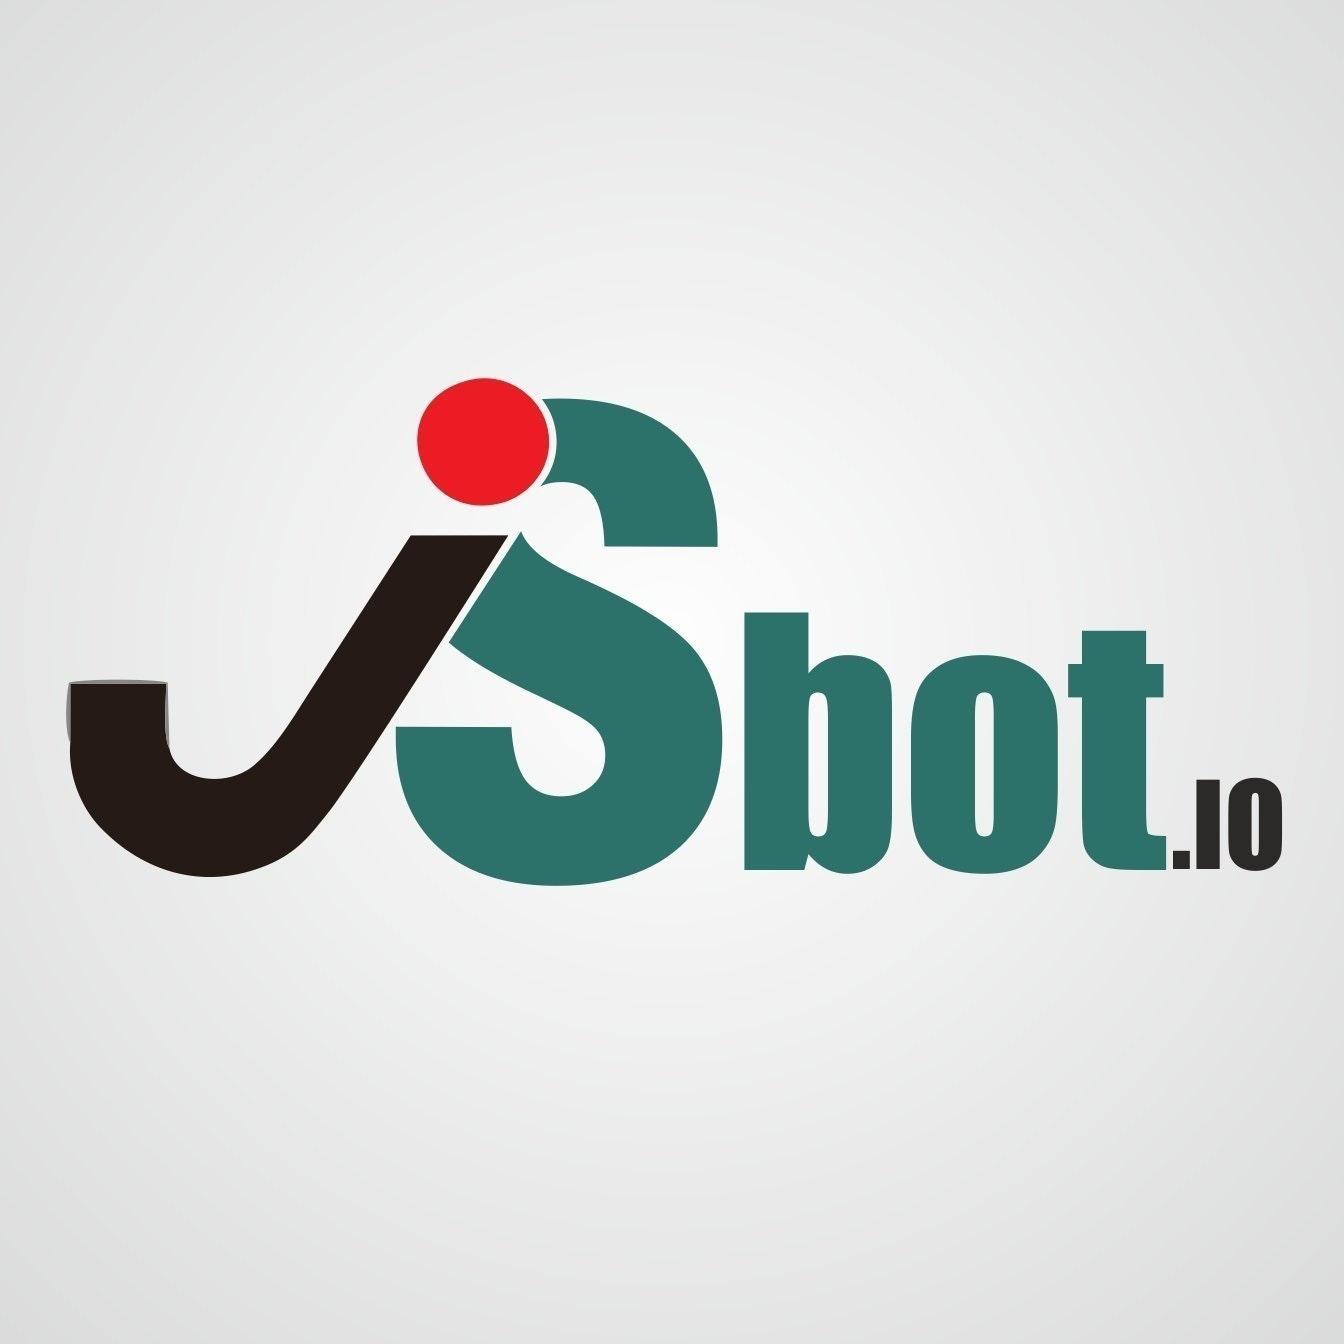 JSbot.io